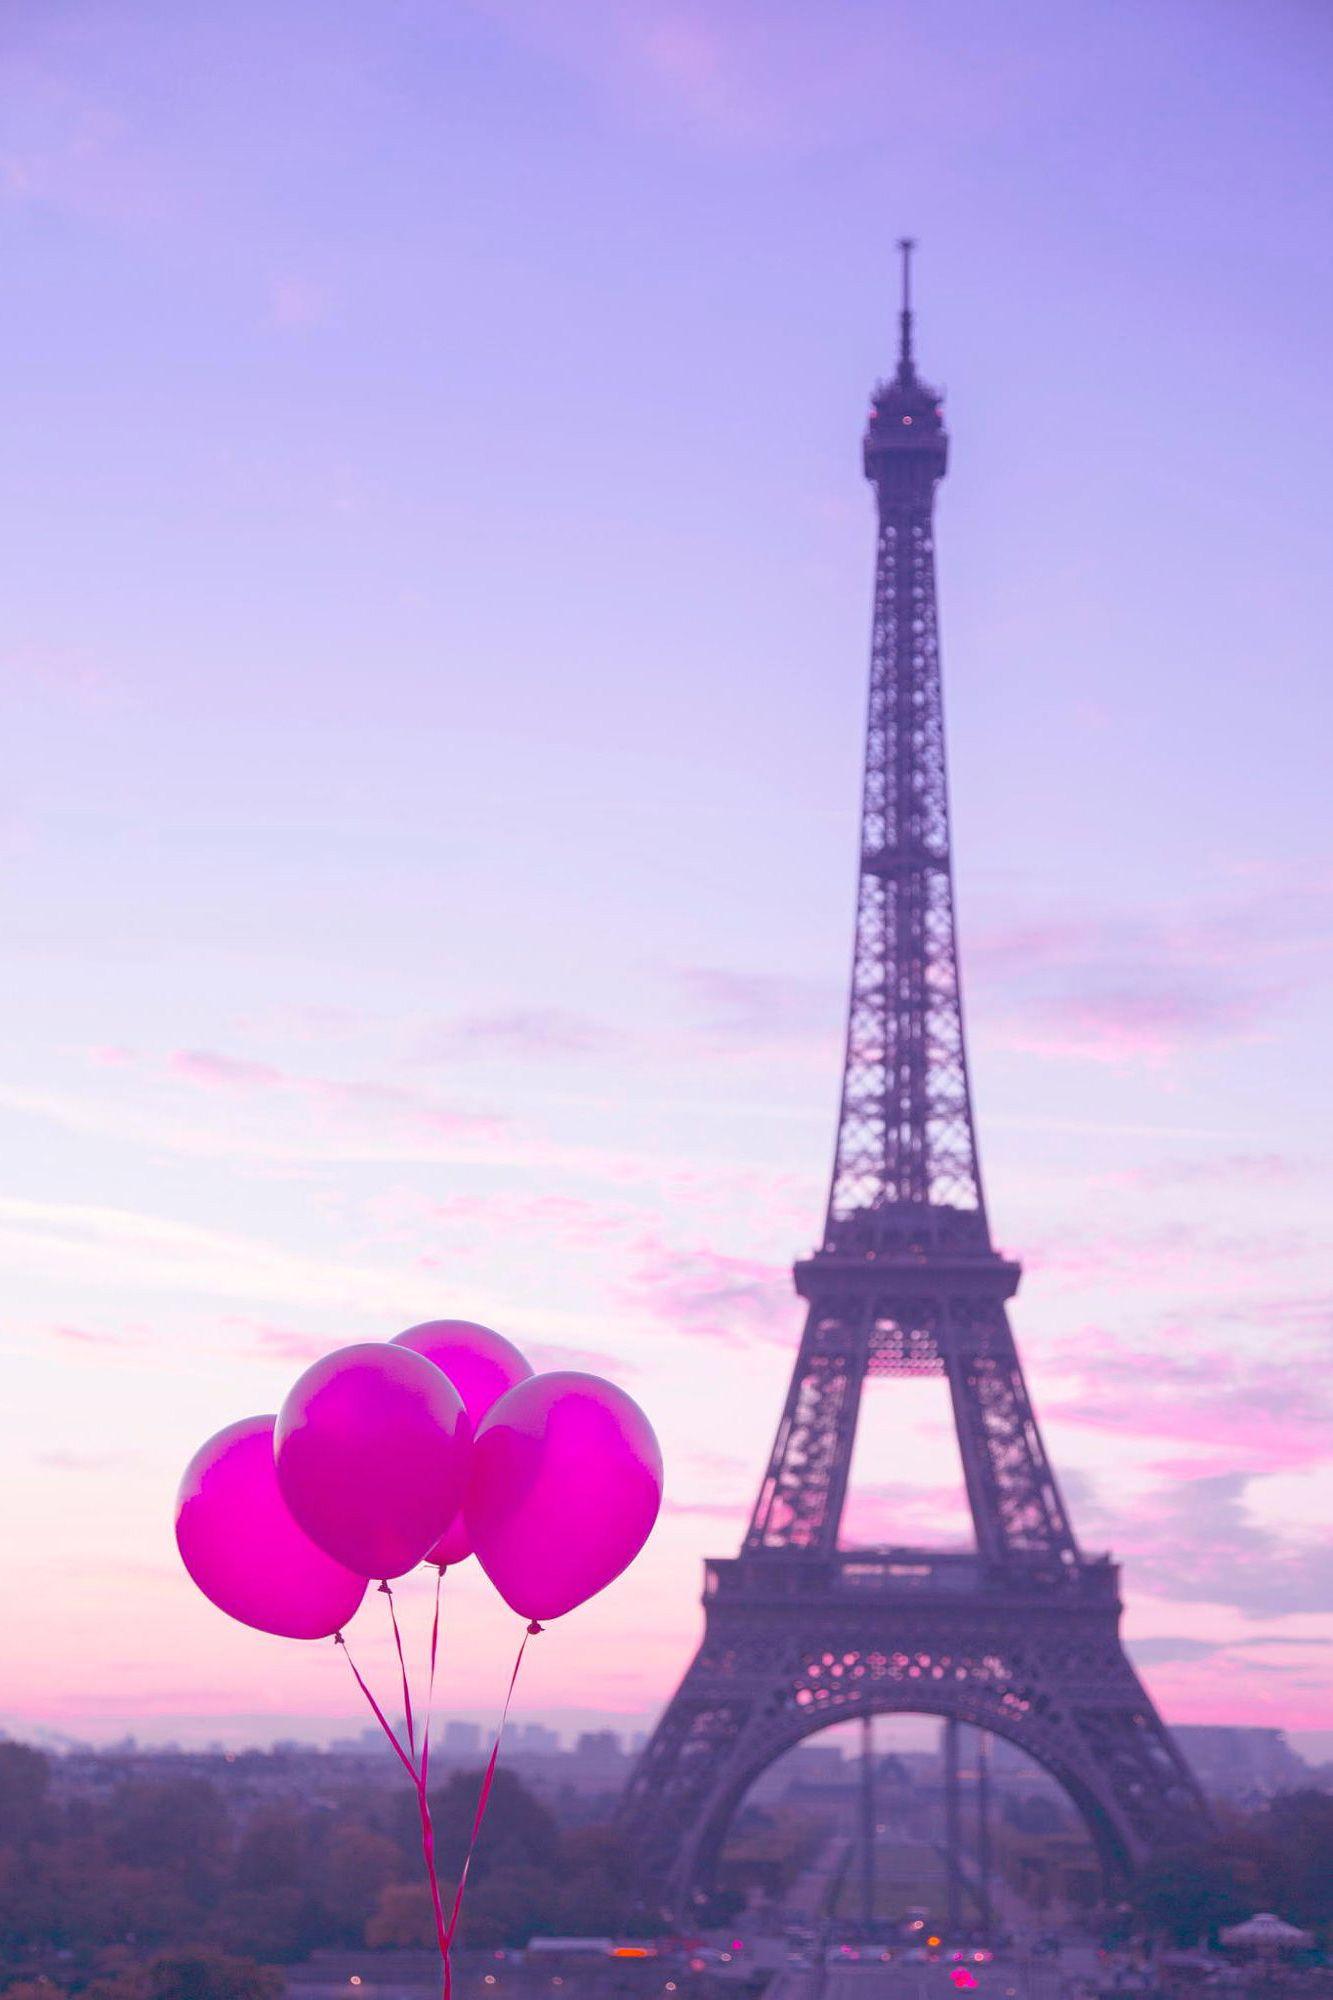 Pink Balloons in Paris | *゚'゚・ Paris...Tu m'enchantes ...